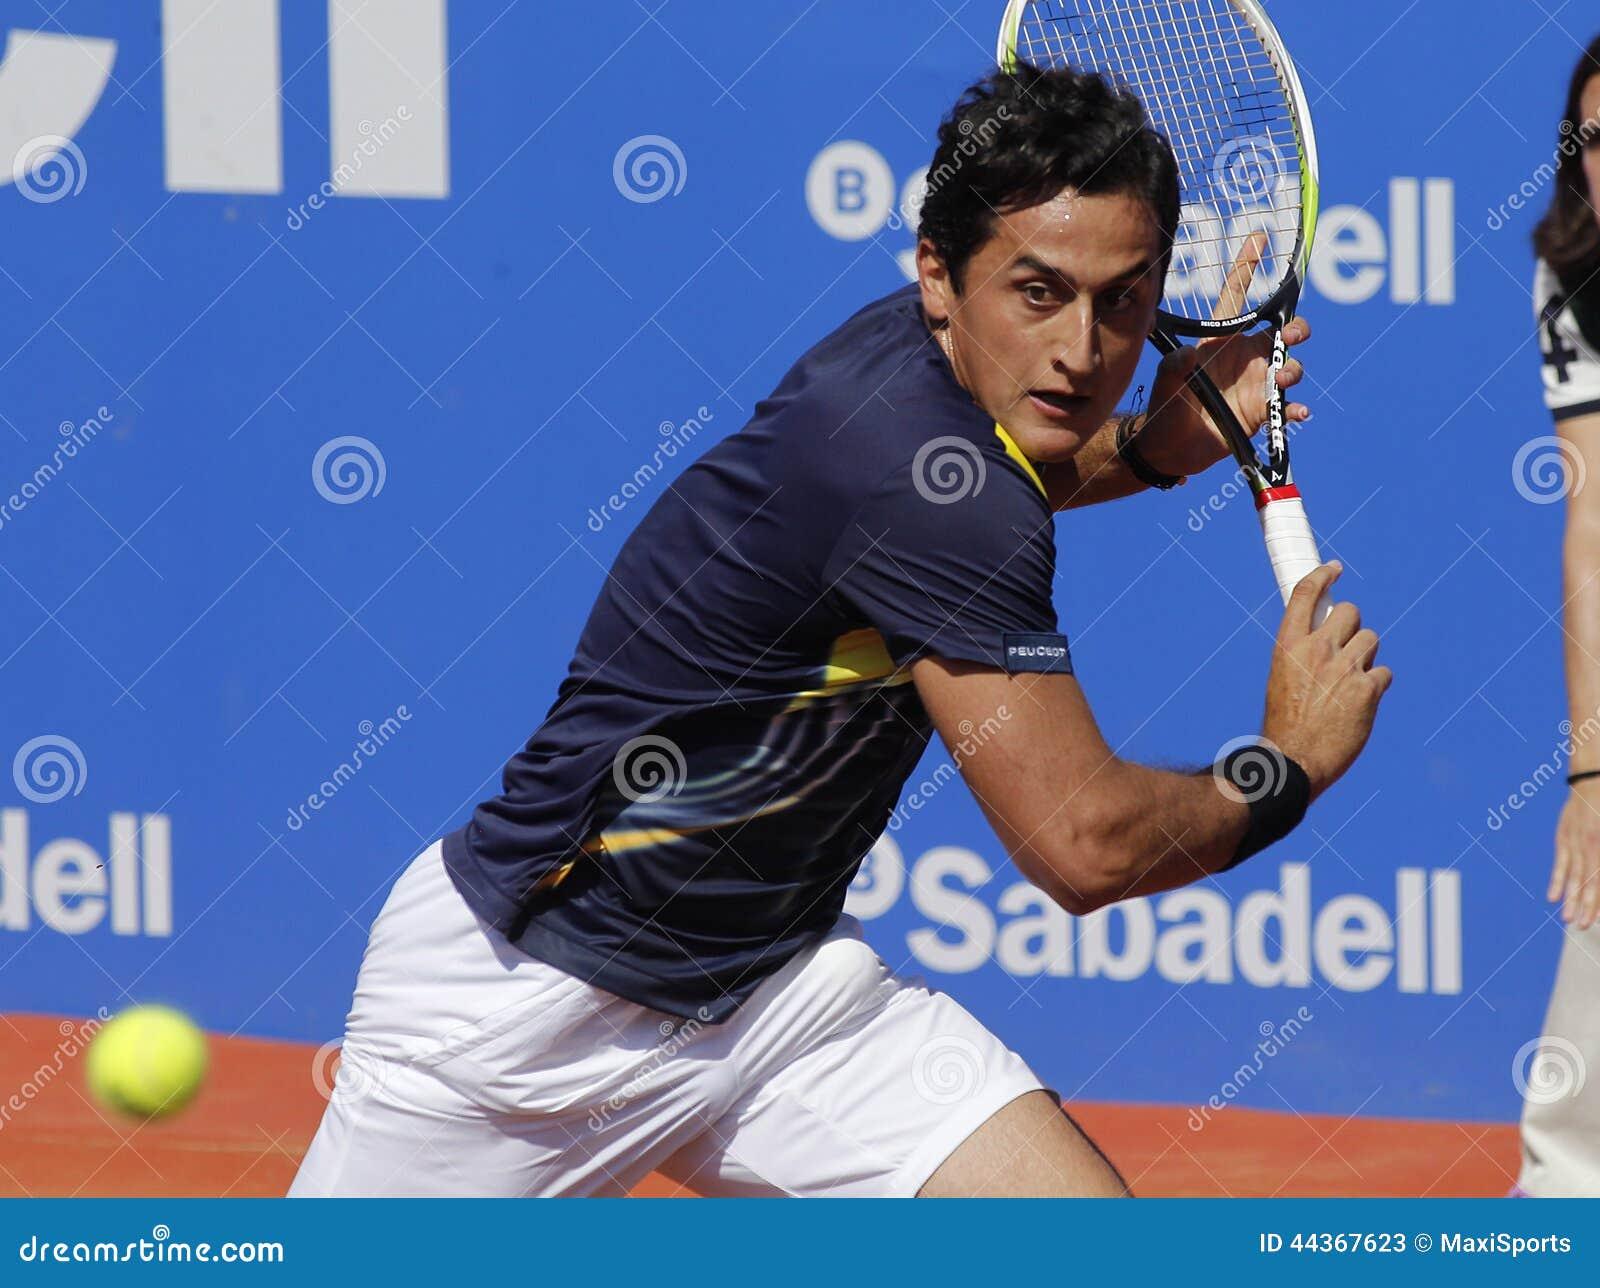 Joueur de tennis espagnol nicolas almagro photo stock ditorial image 4436 - Joueur de tennis espagnol ...